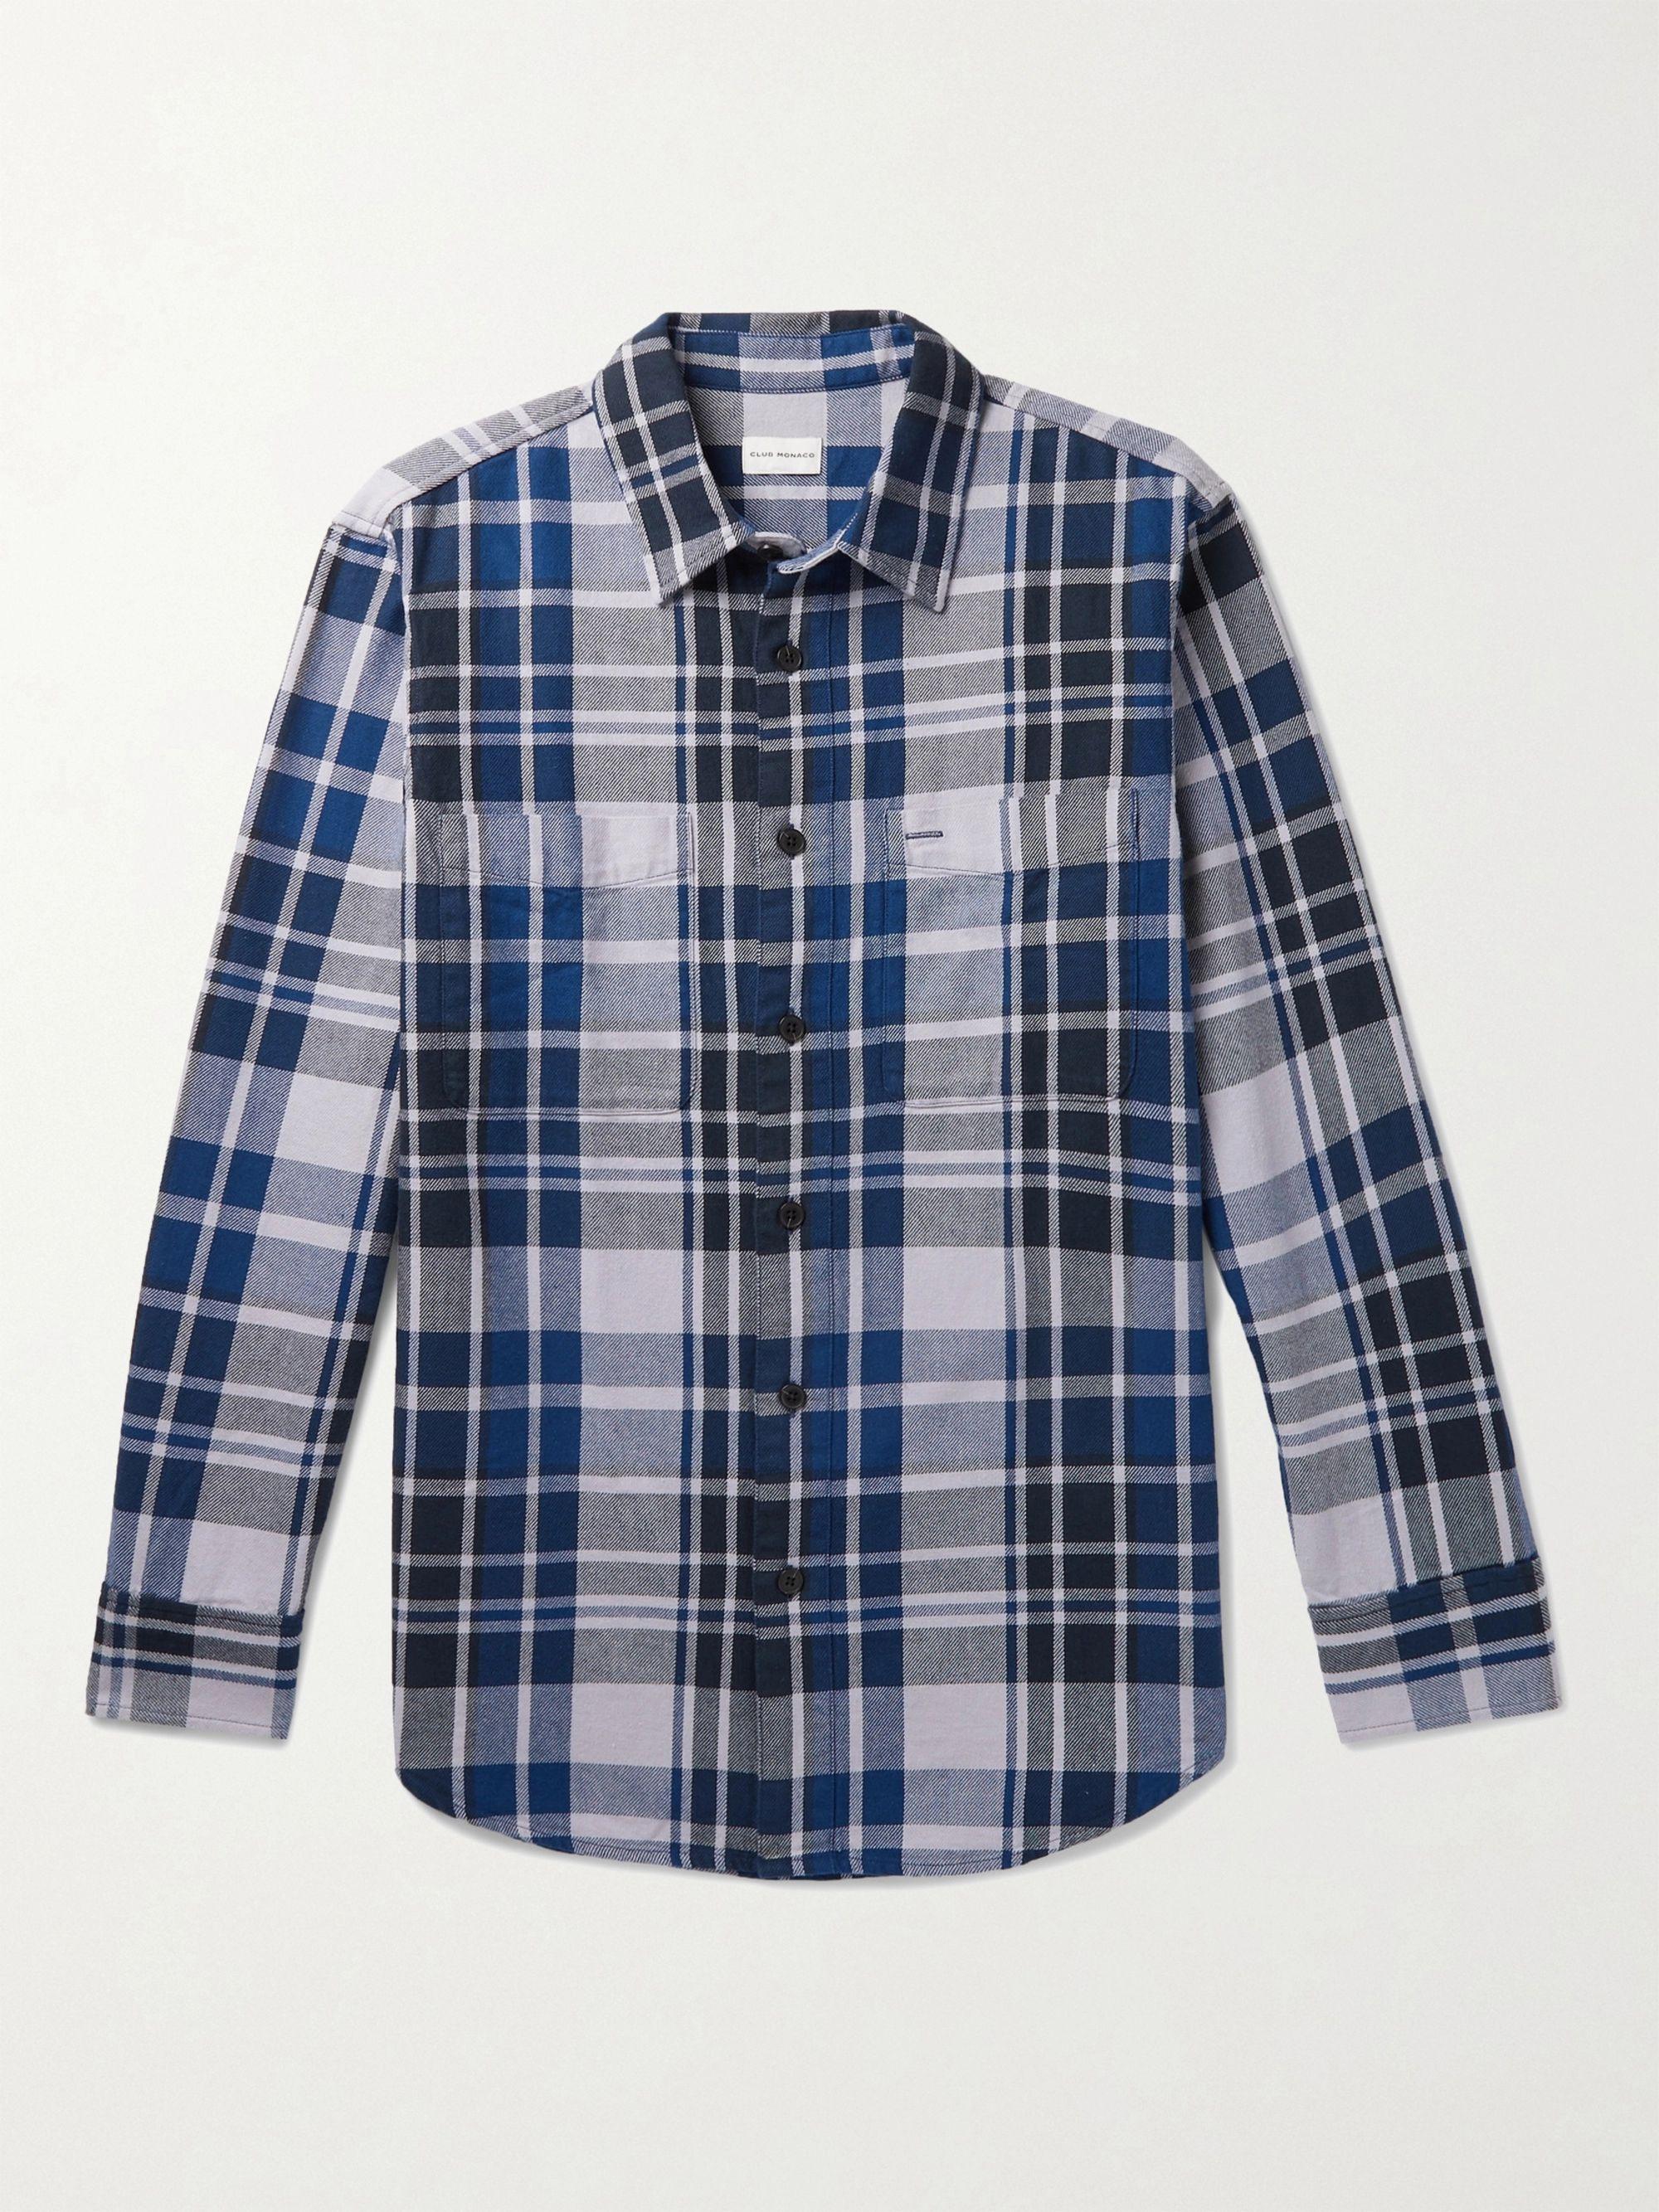 CLUB MONACO Checked Cotton-Twill Shirt